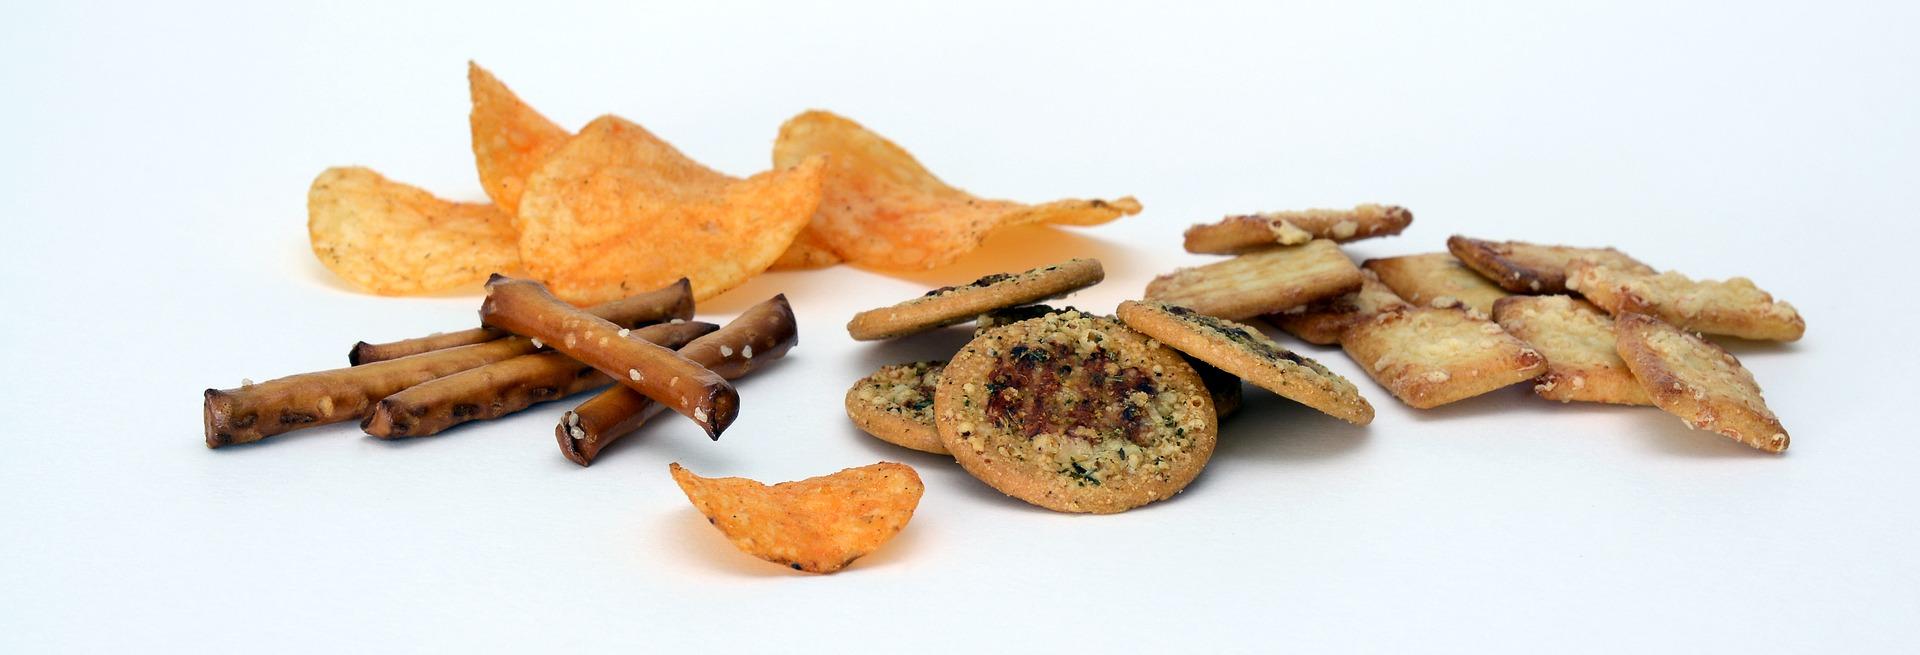 snacks-2199659_1920